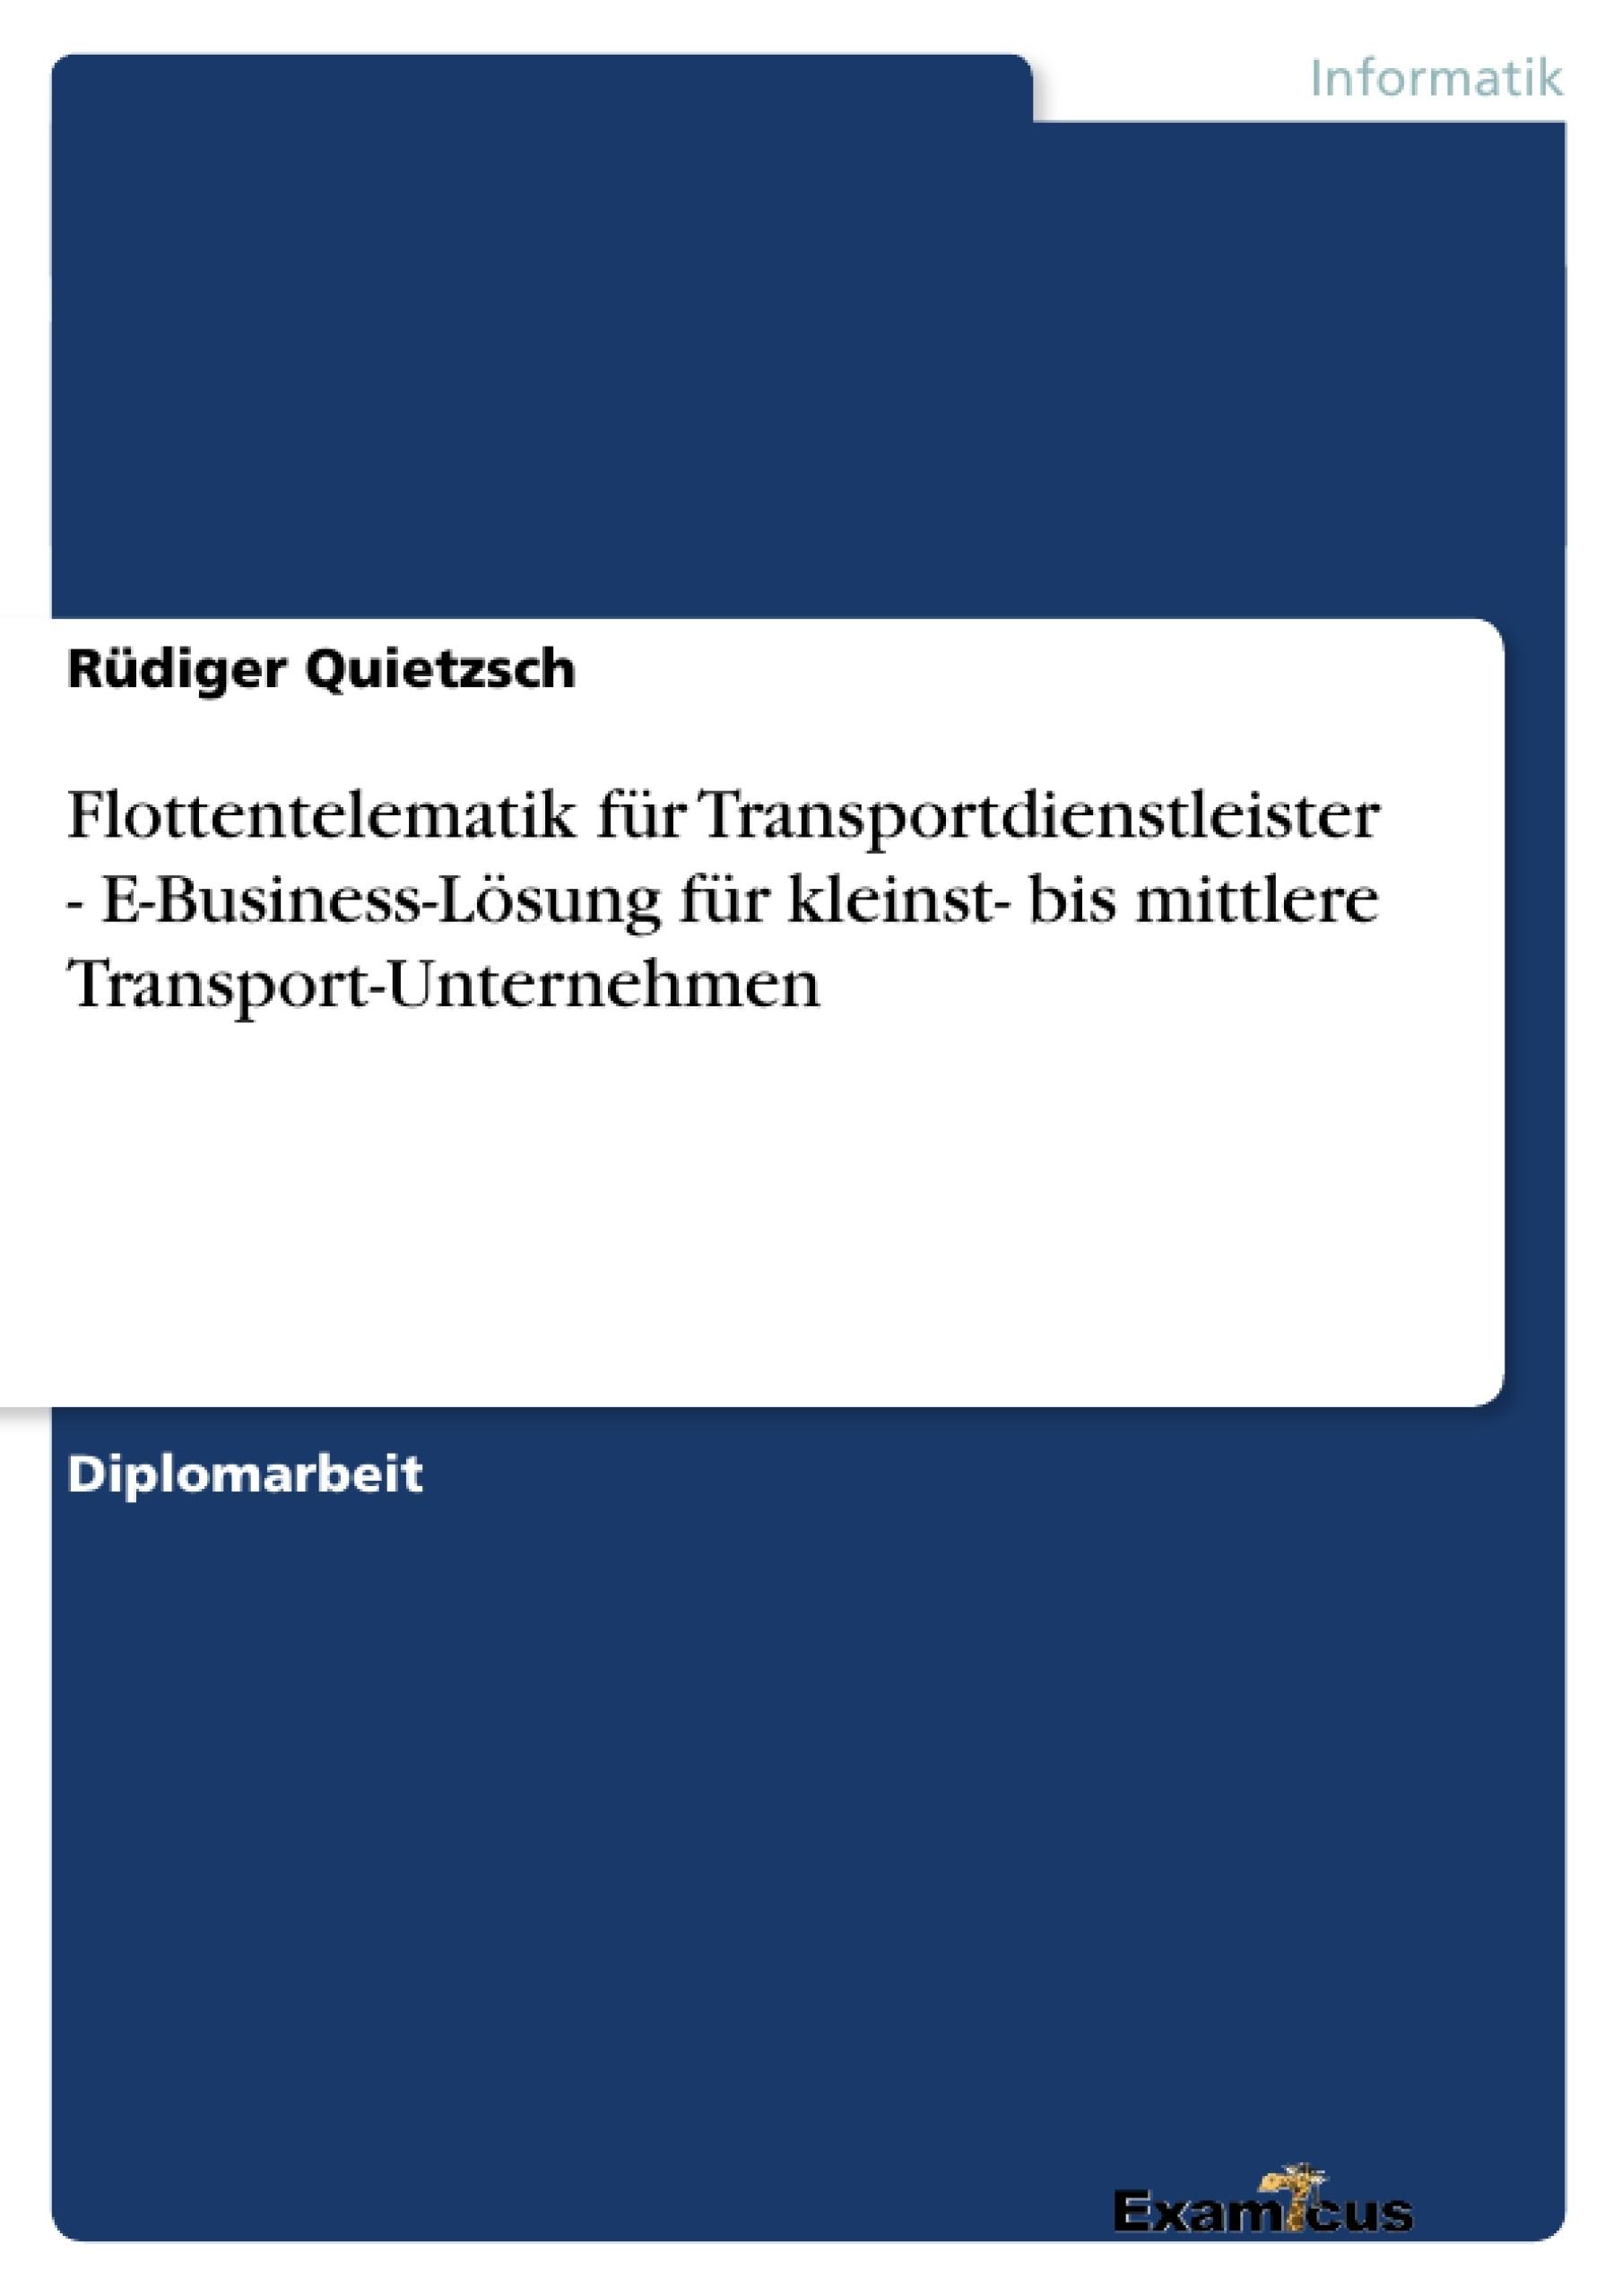 Titel: Flottentelematik für Transportdienstleister - E-Business-Lösung für kleinst- bis mittlere Transport-Unternehmen